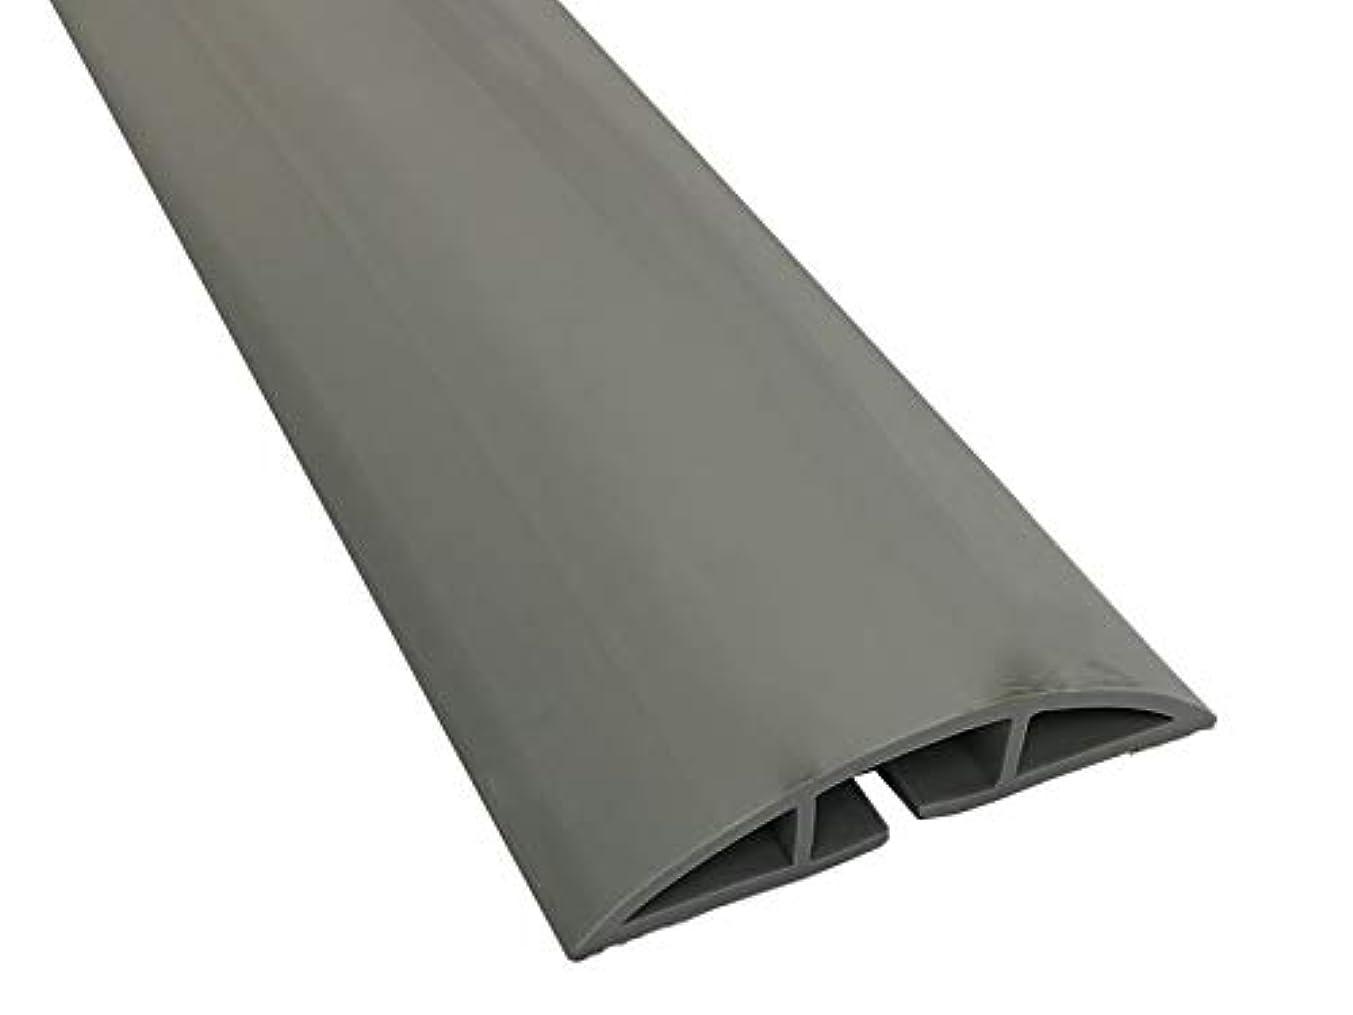 Floor Cord Cover Kit (6FT, Gray)